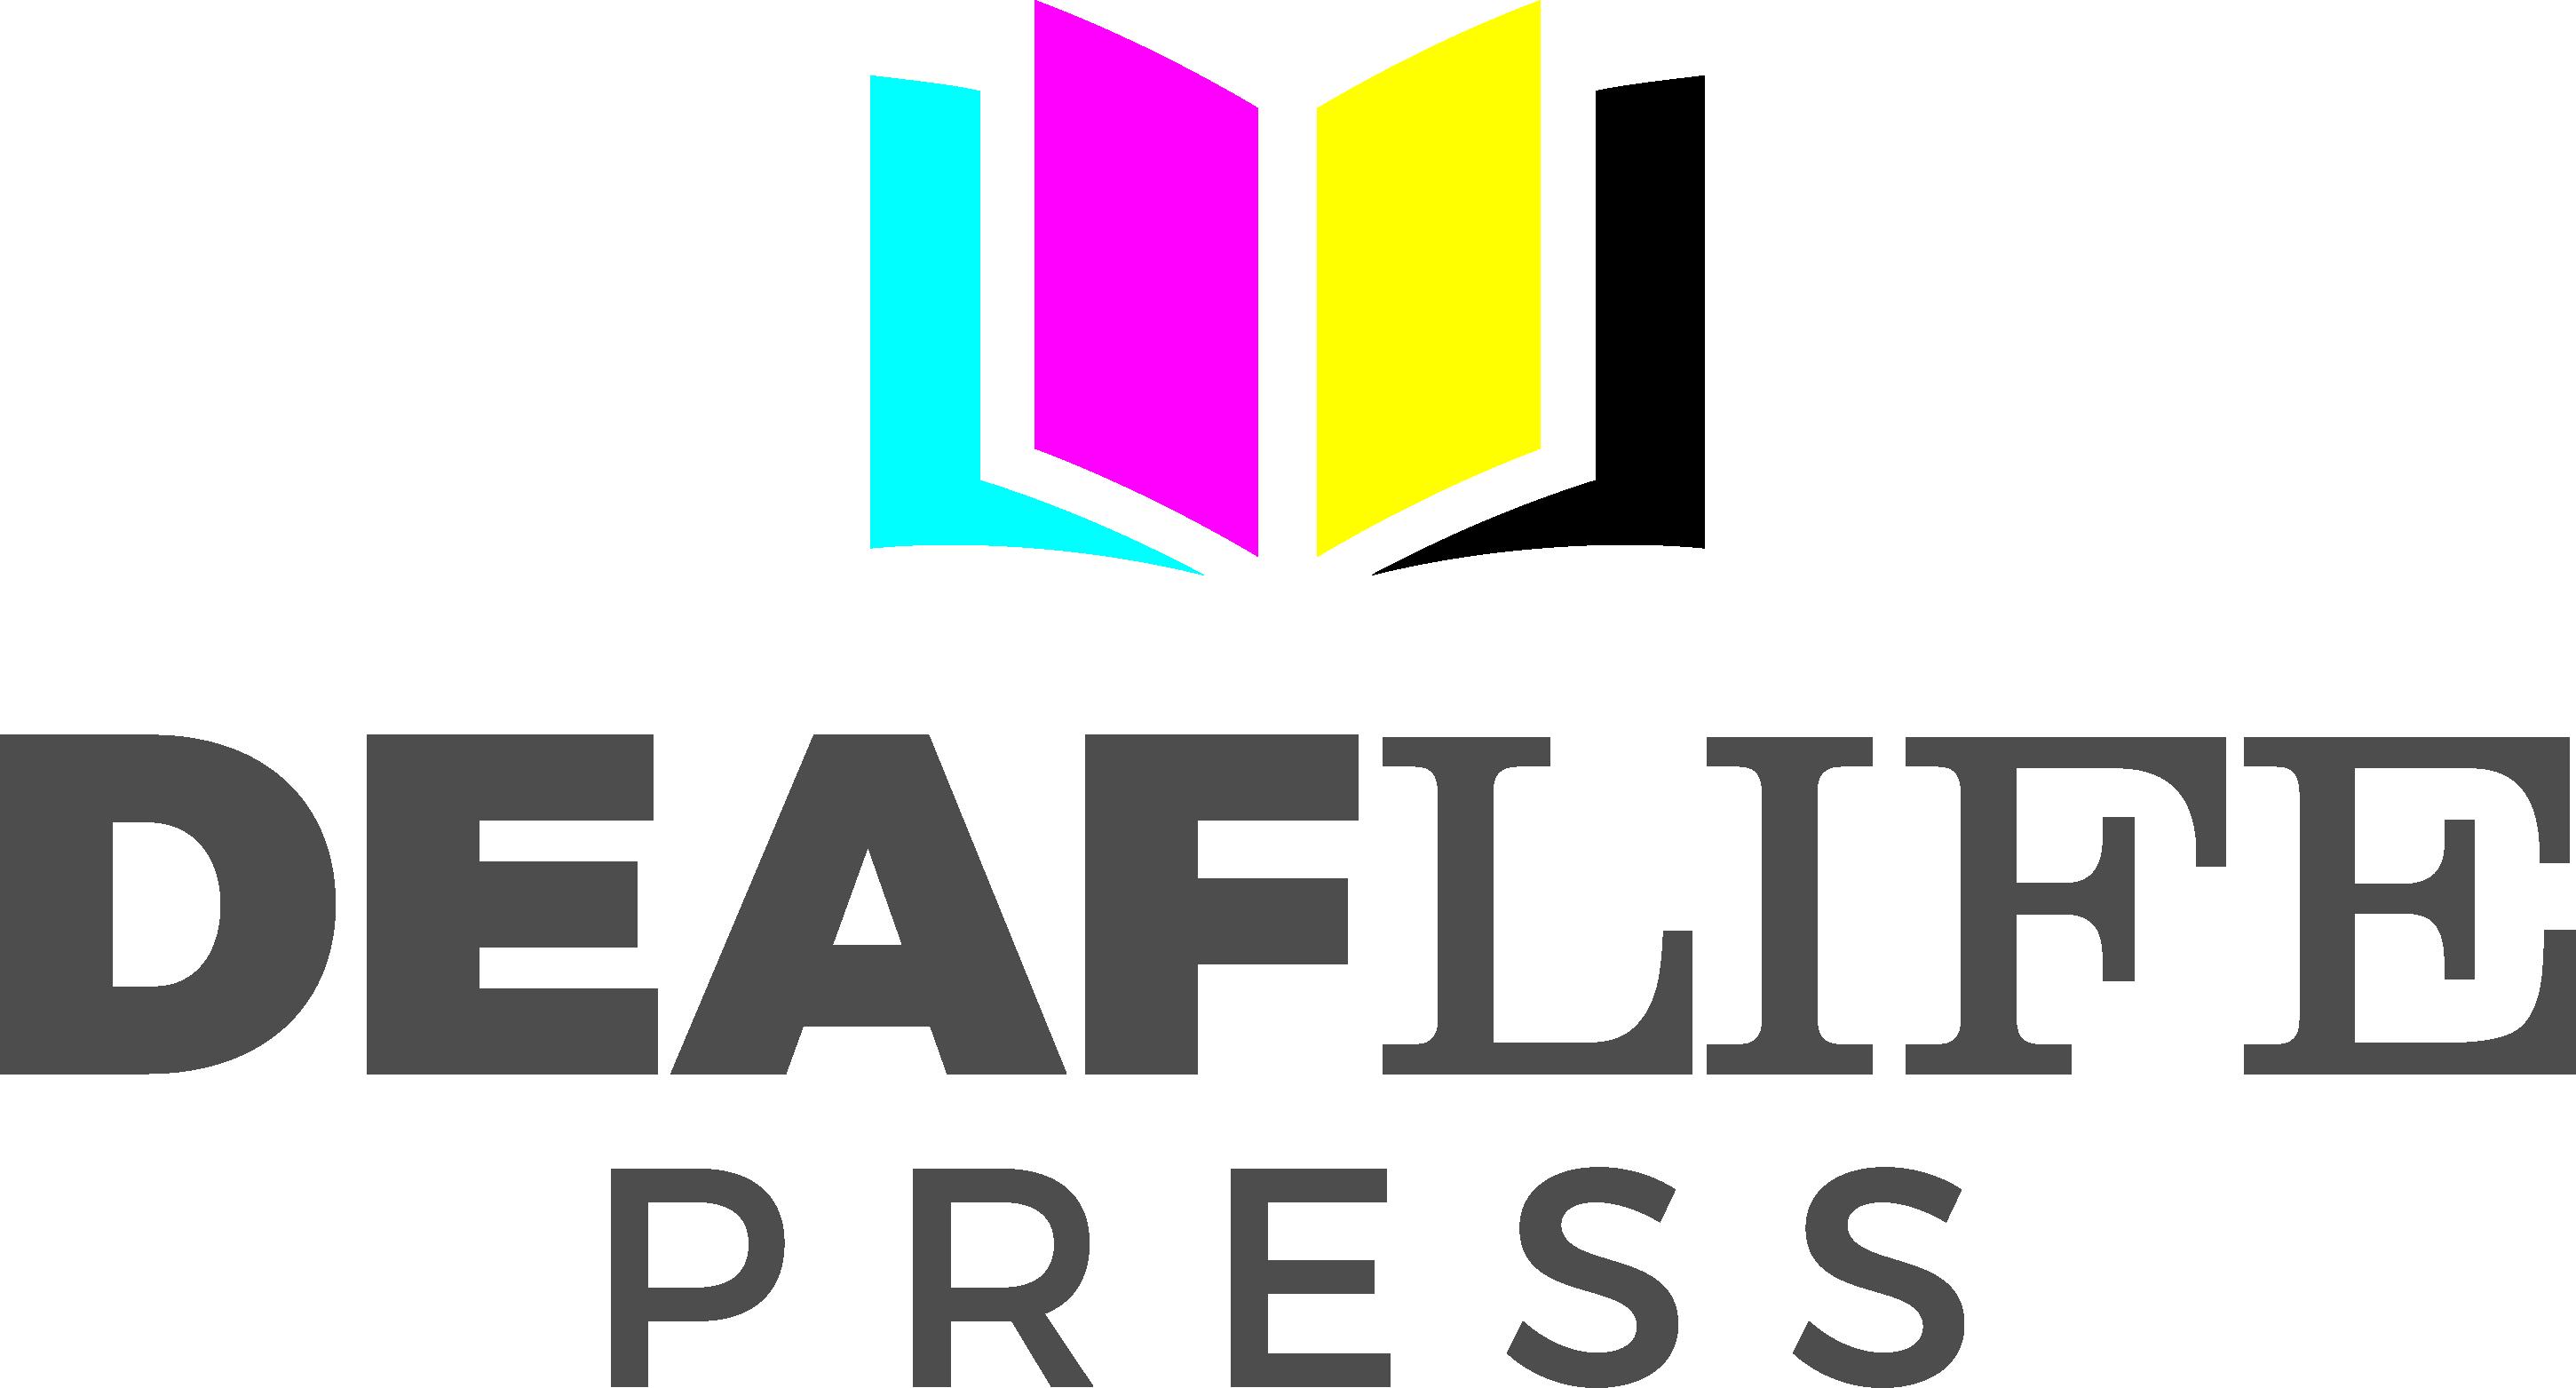 DeafLife Press master